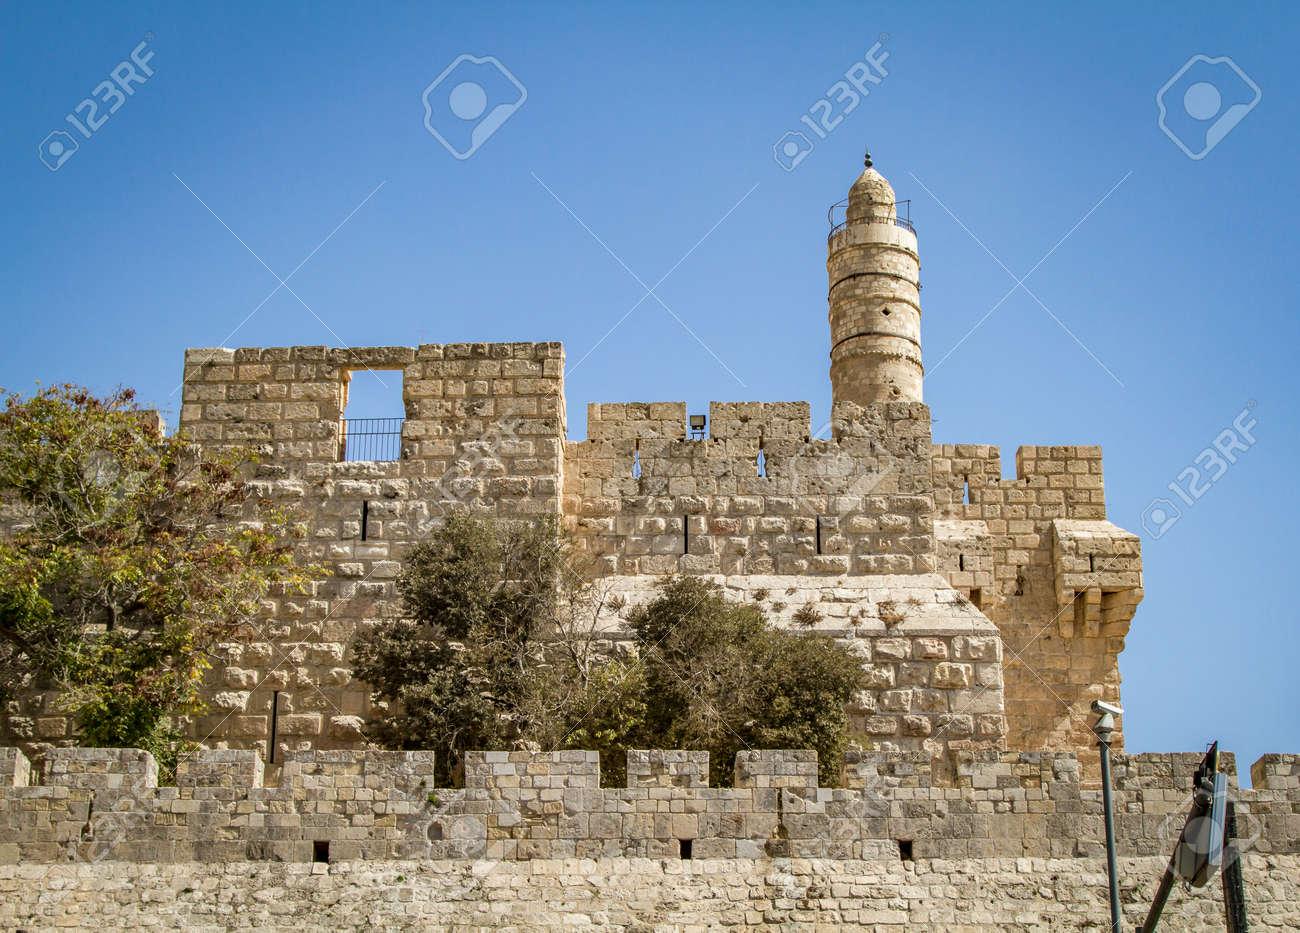 ダビデの塔、古代エルサレムの城...